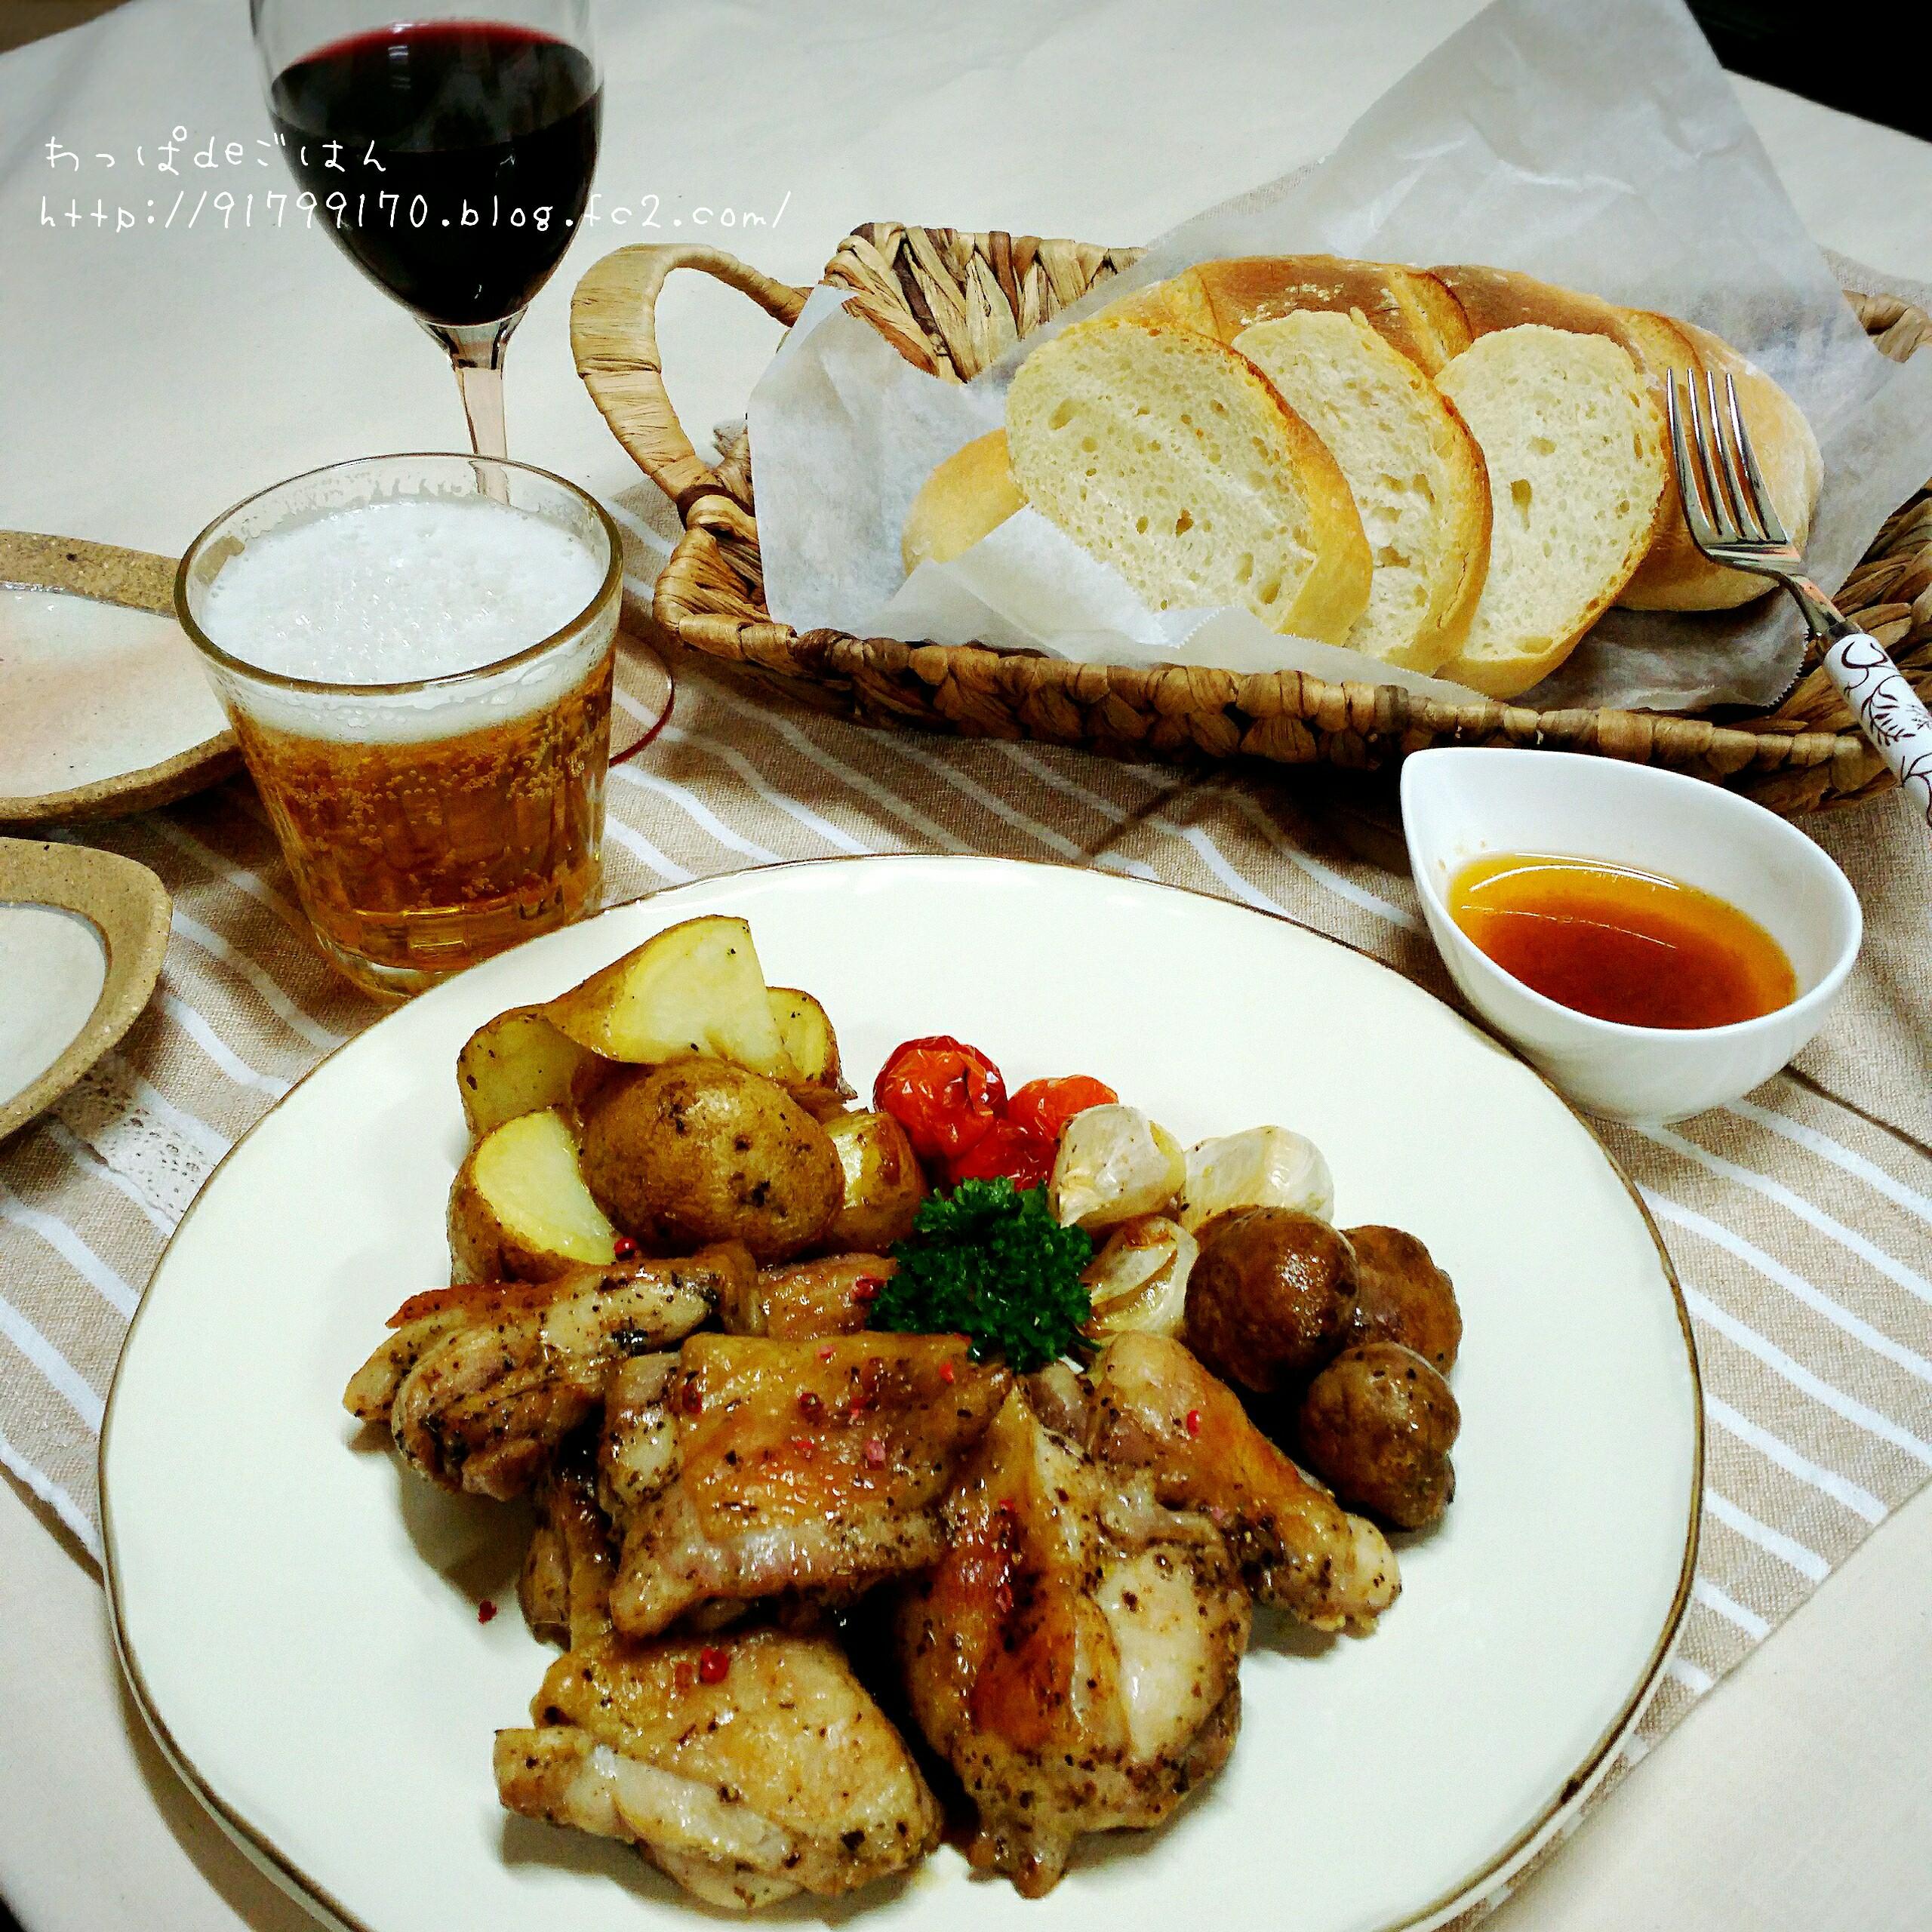 鶏モモ肉のオーブン焼きの晩ごはん